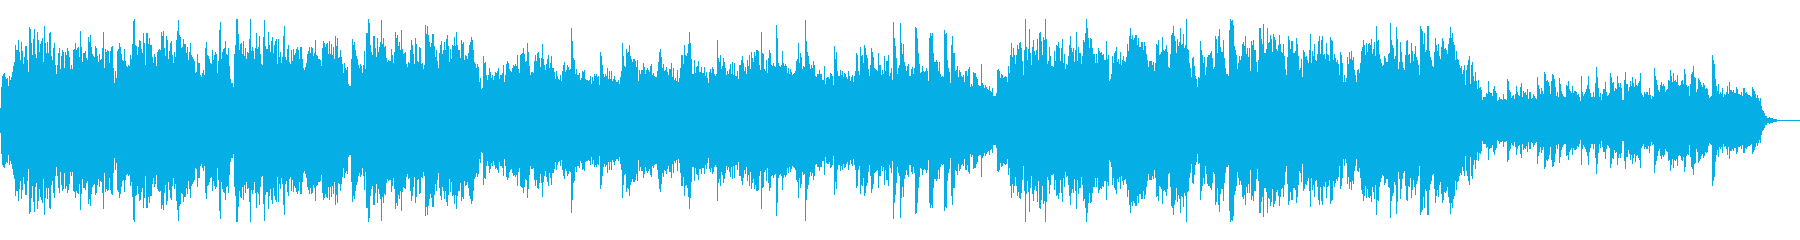 ノスタルジックな曲_EDテーマなどにの再生済みの波形